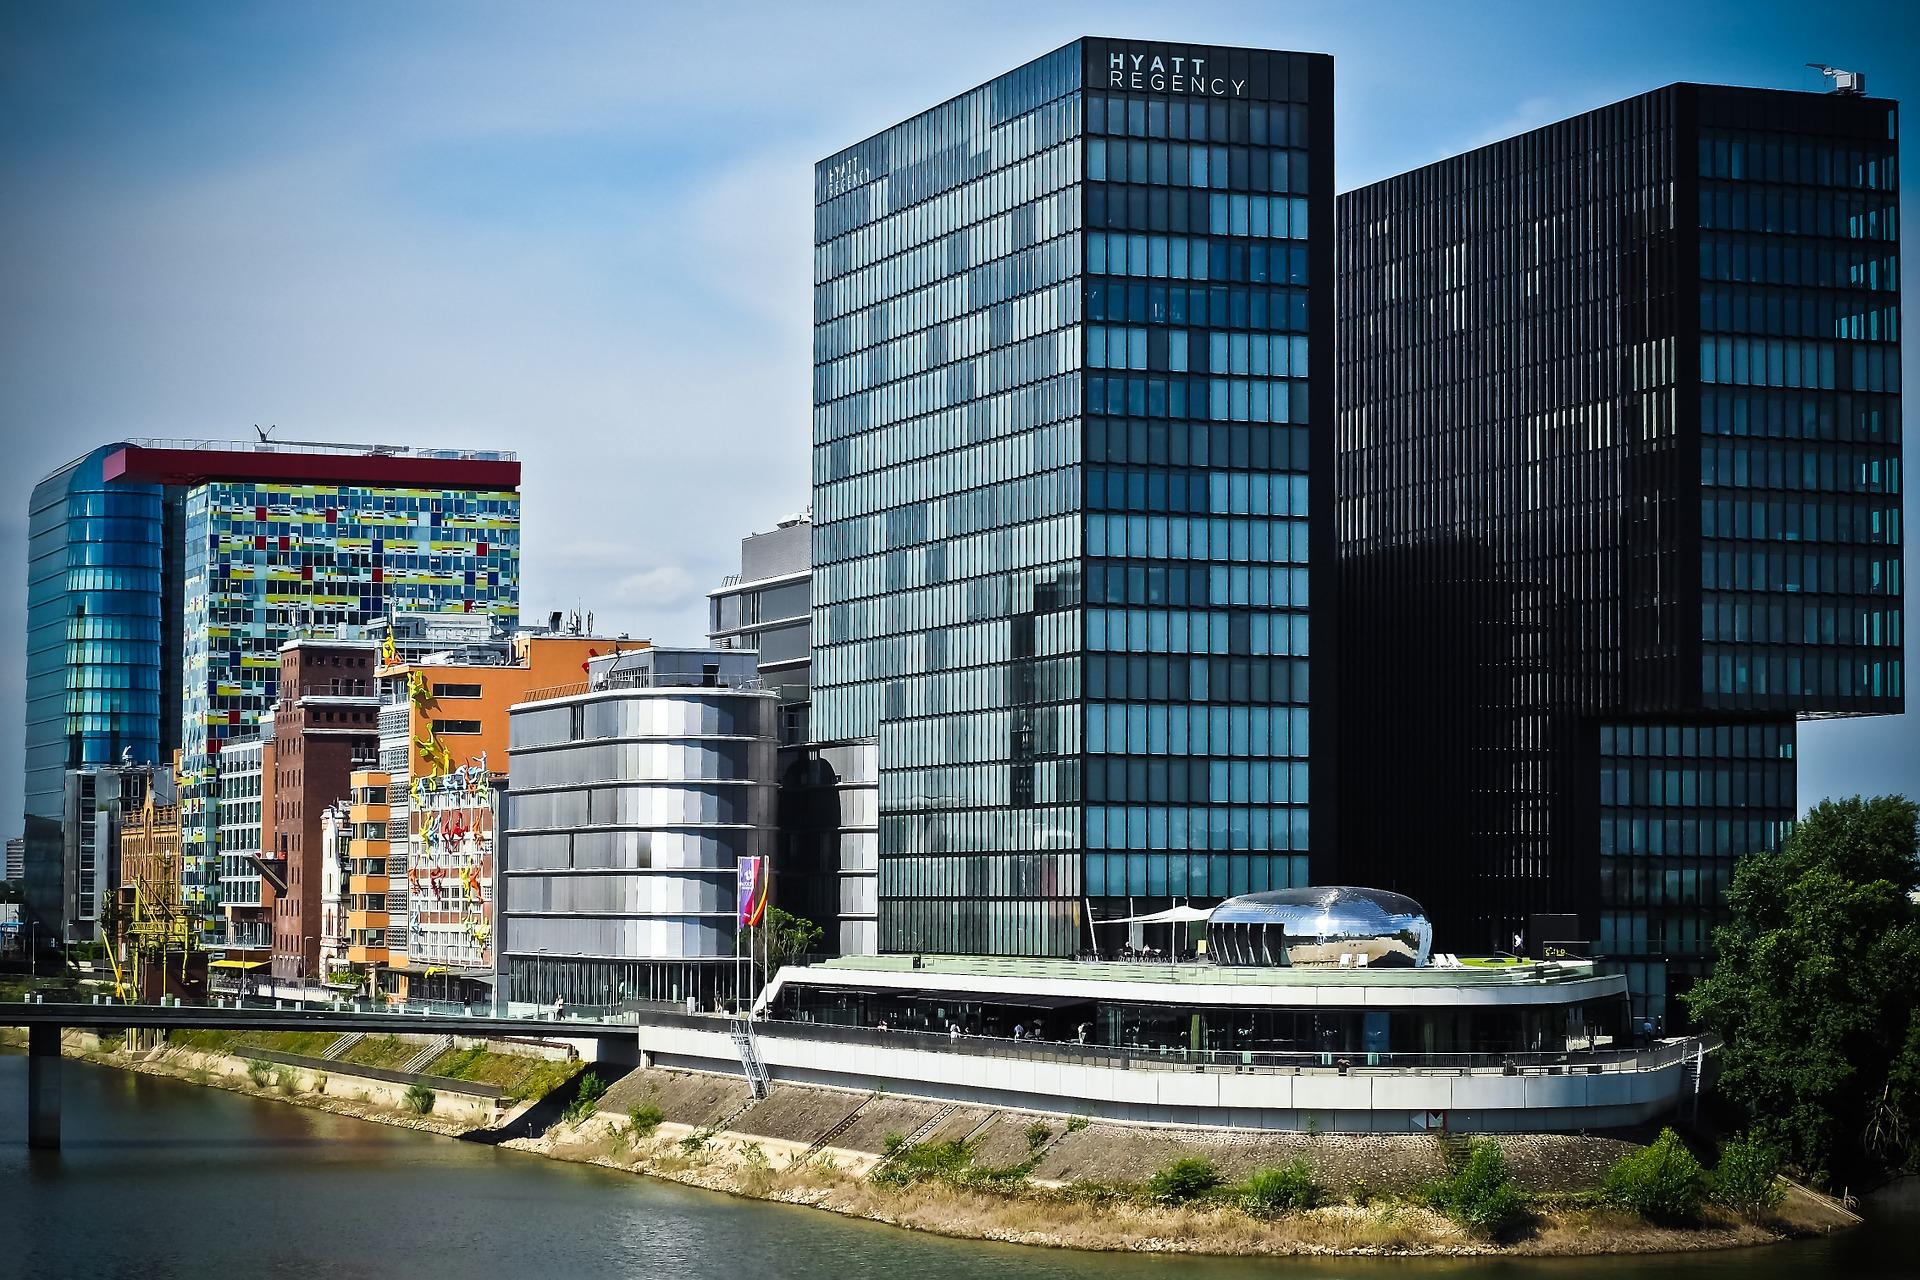 Gebäude, Stadt, Architektur, Hafen, Düsseldorf - Wallpaper HD - Prof.-falken.com